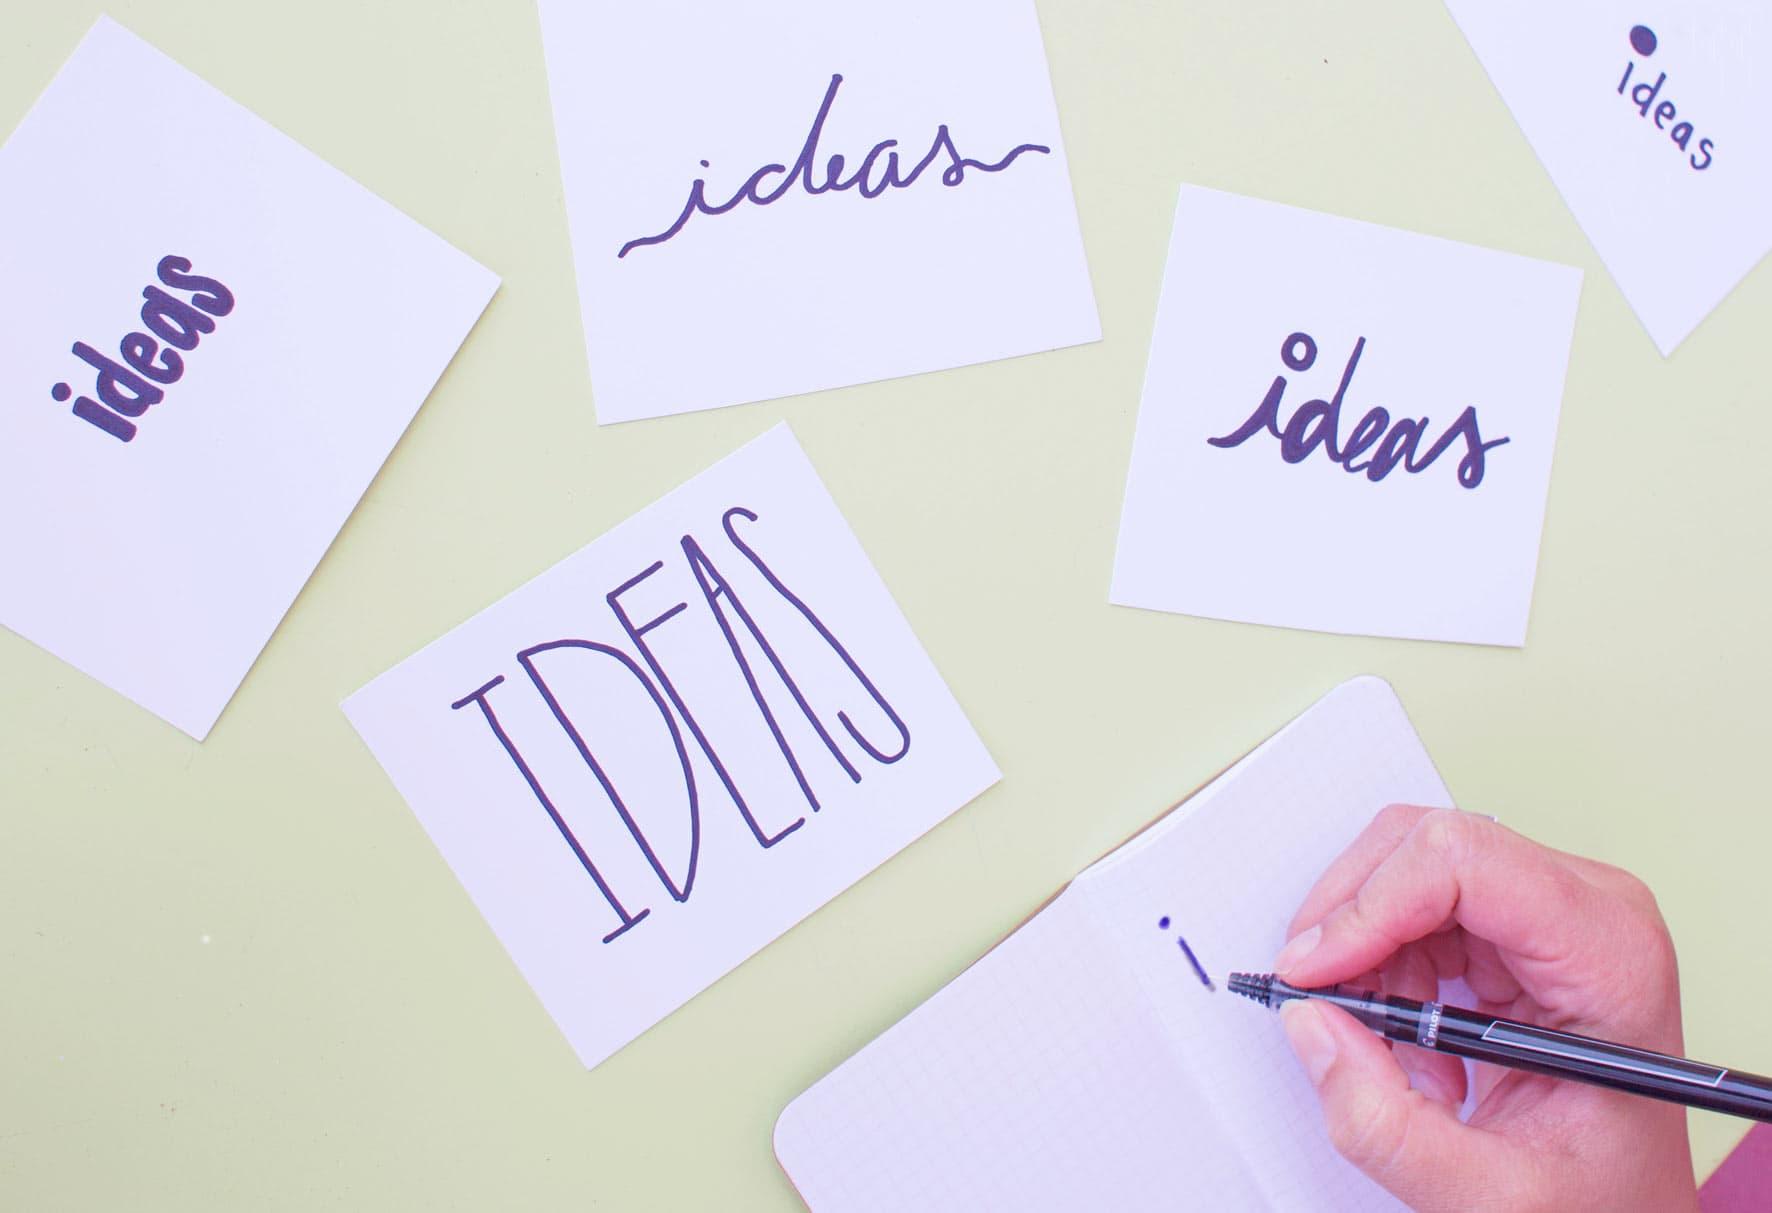 Over originele ideeën en in herhaling vallen